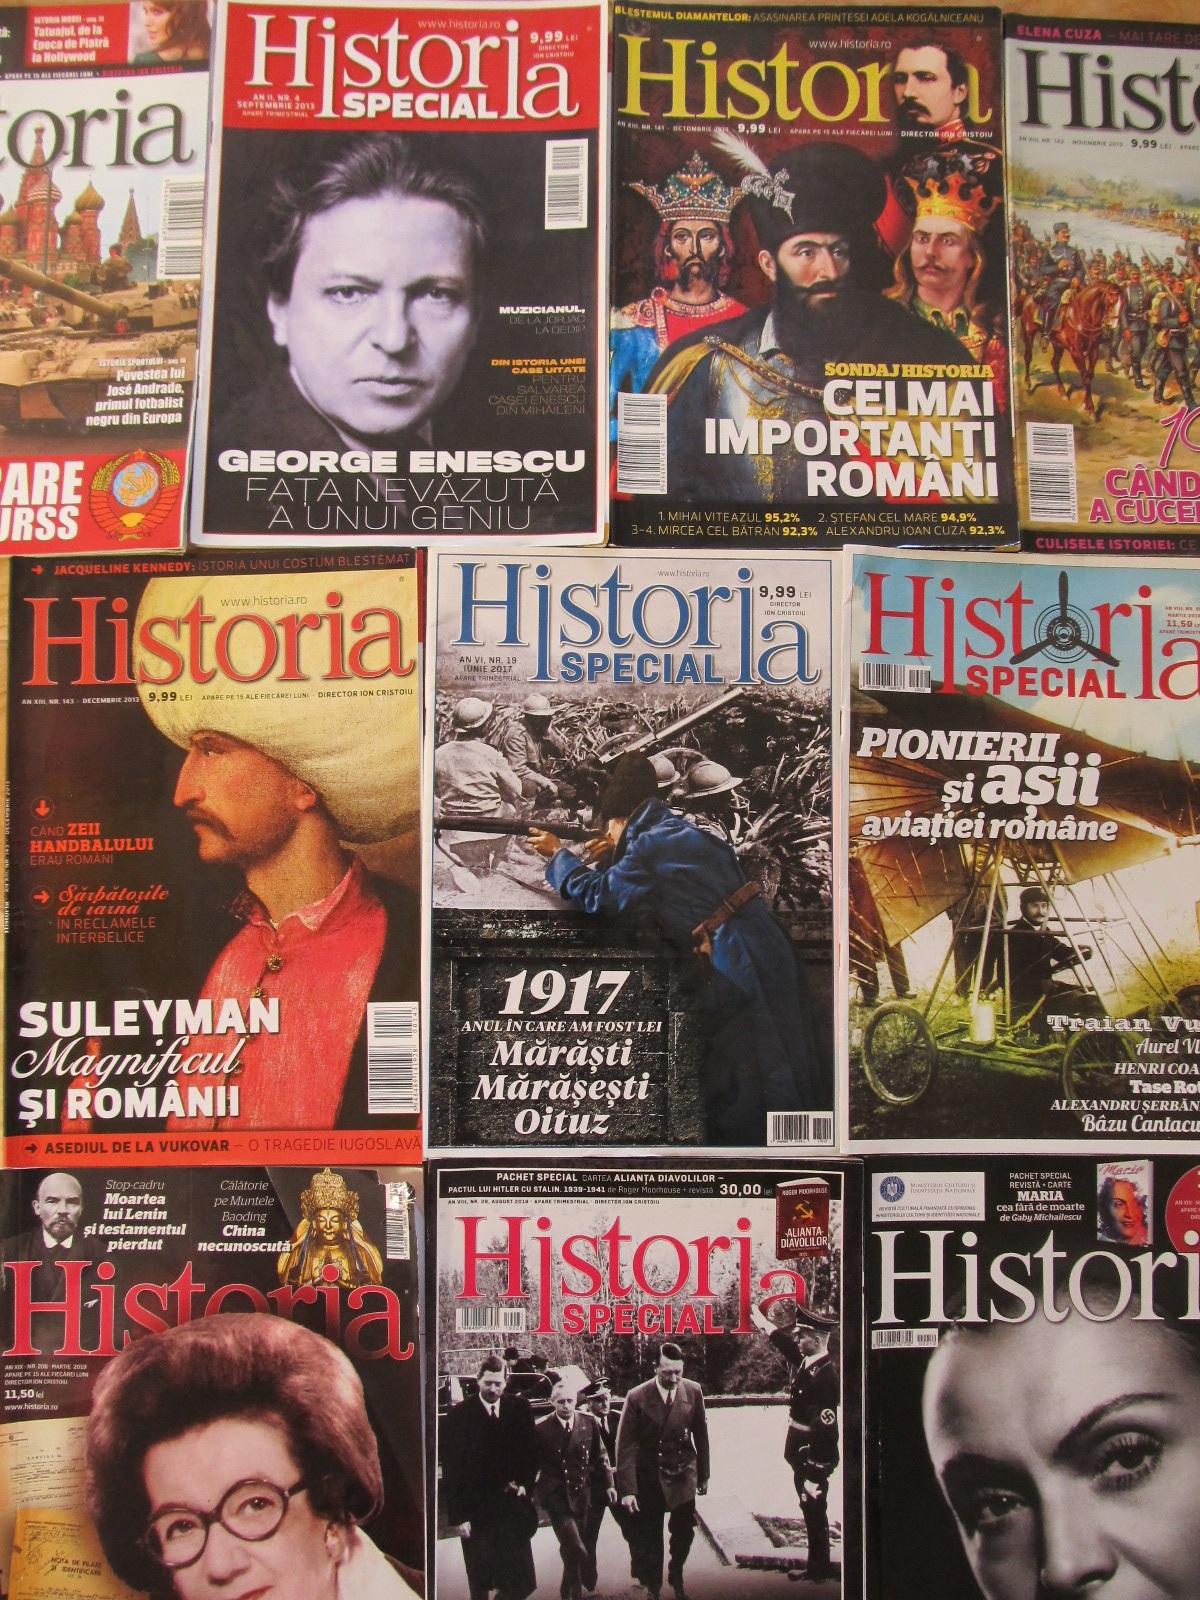 Revista Historia Nr. 116/2011, 141-143/2013 , 19/2017 , 26,28, 206,212/2019 (9 reviste) - *** | Detalii carte